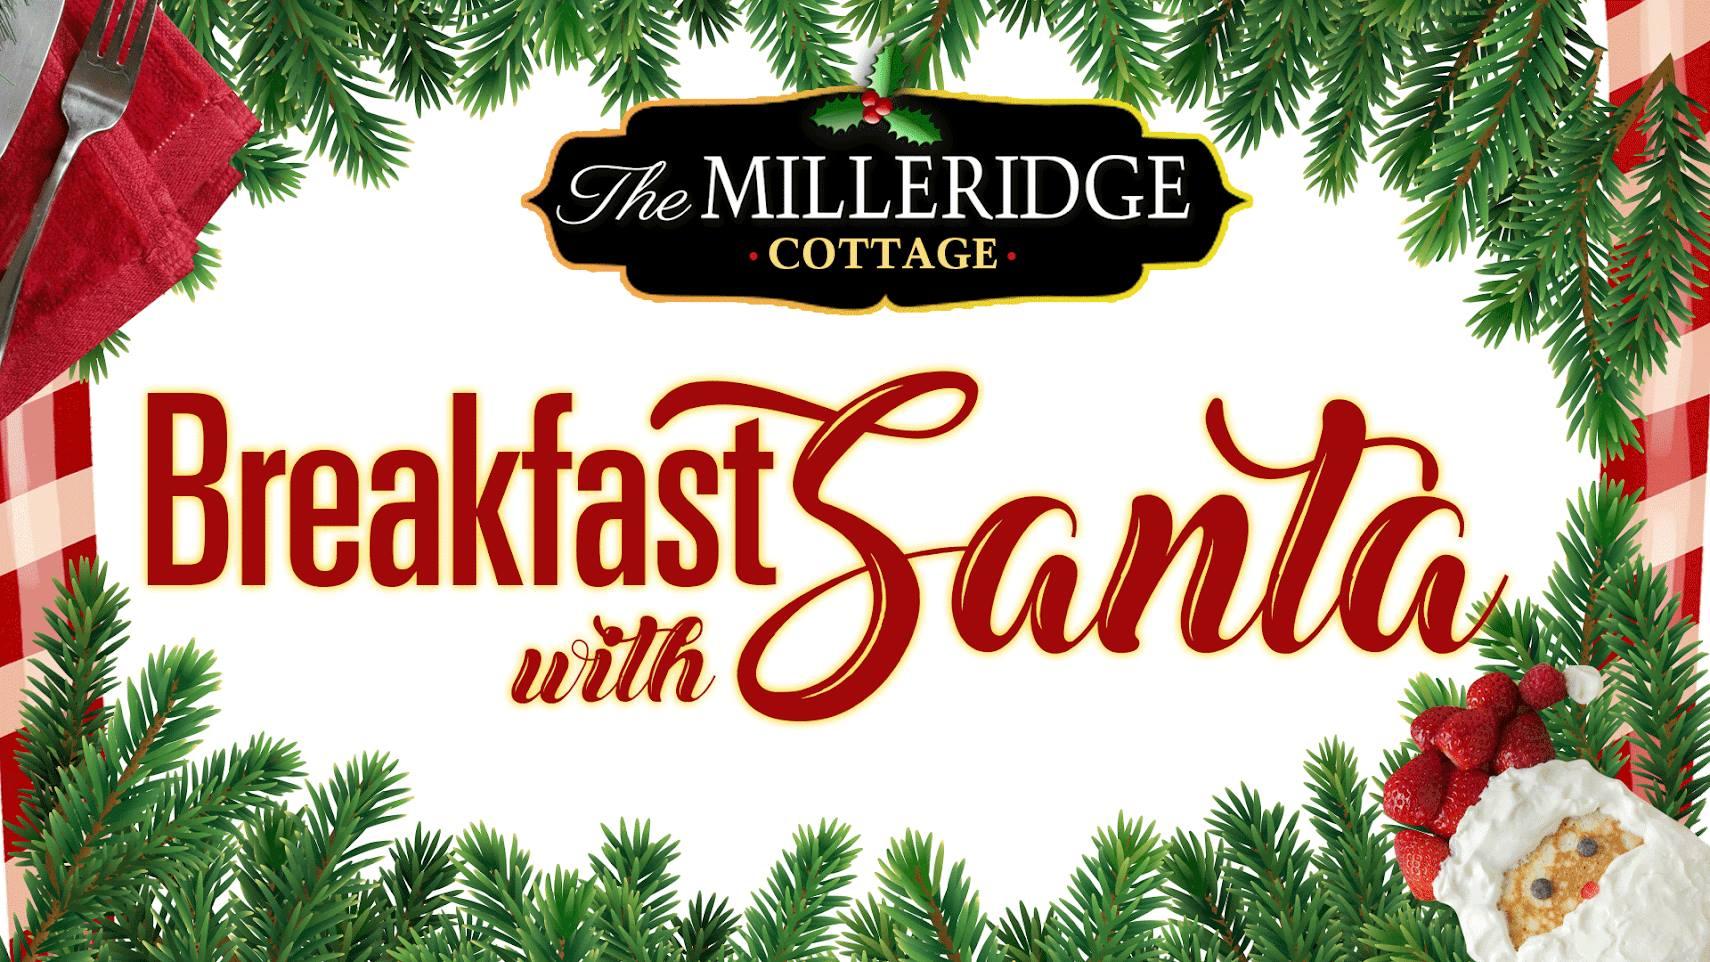 Milleridge Inn Christmas Village 2018.Breakfast With Santa Long Island Weekly